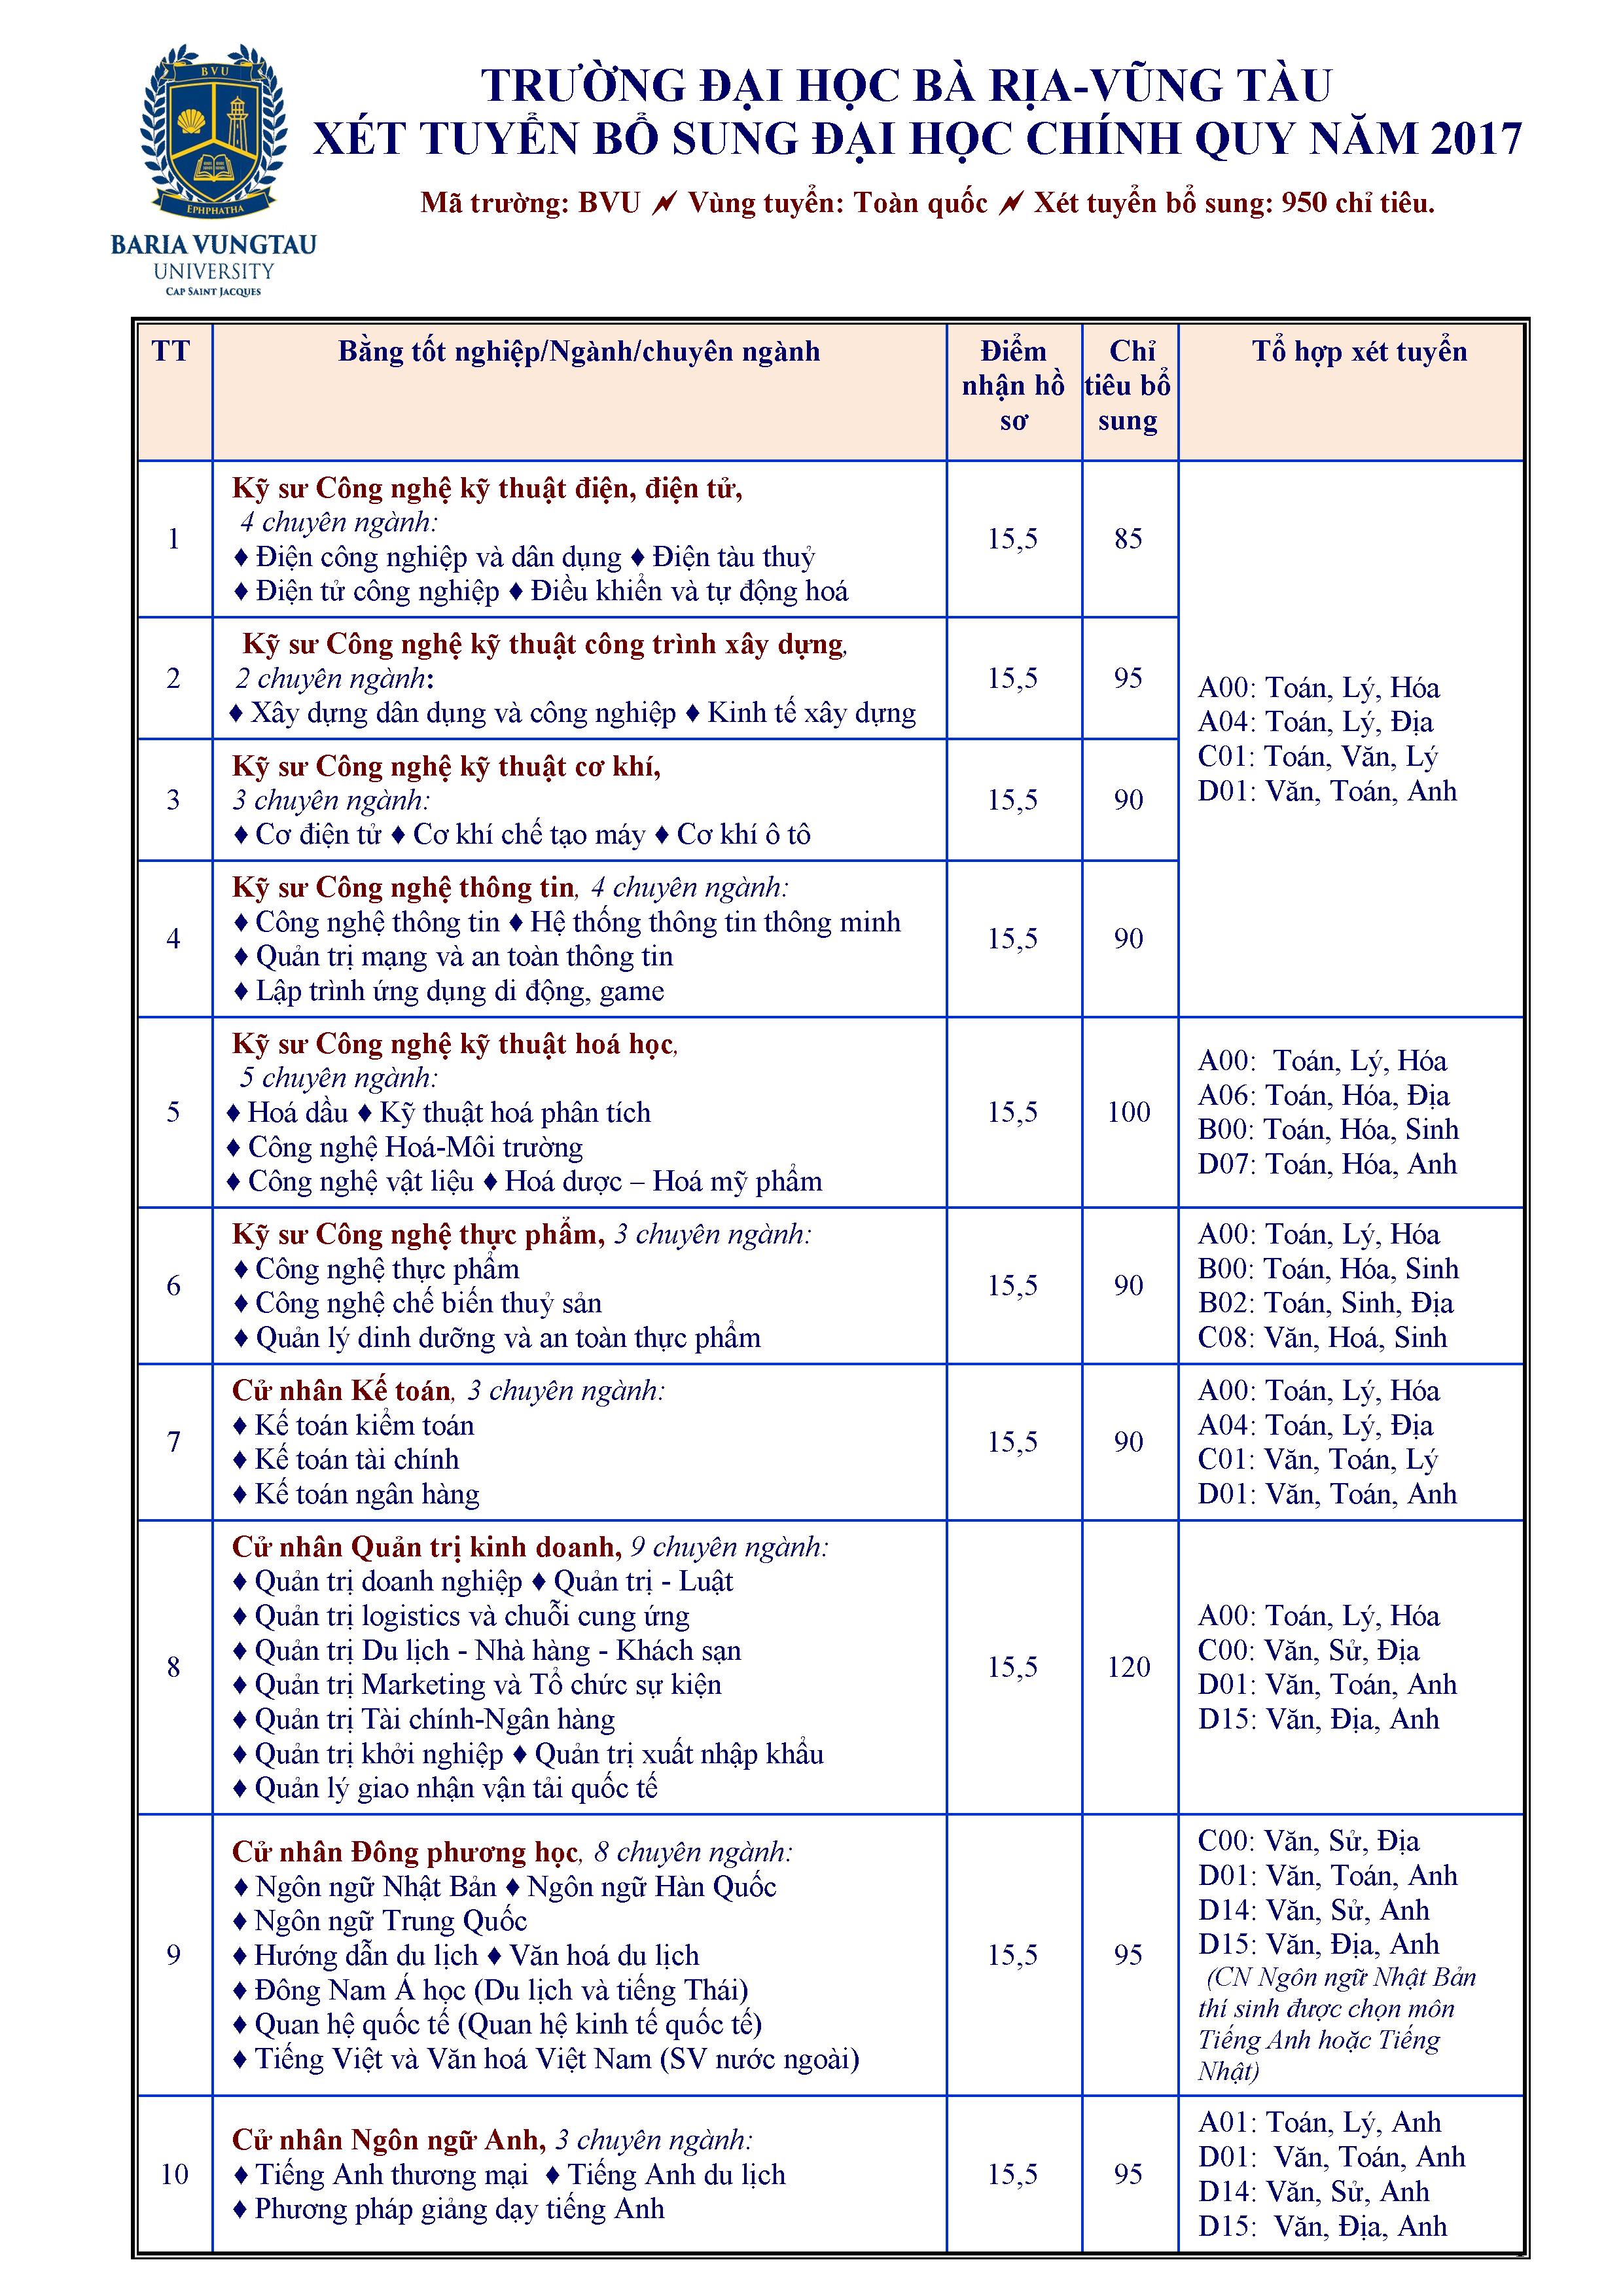 Trường ĐH Bà Rịa Vũng Tàu tuyển bổ sung 950 chỉ tiêu